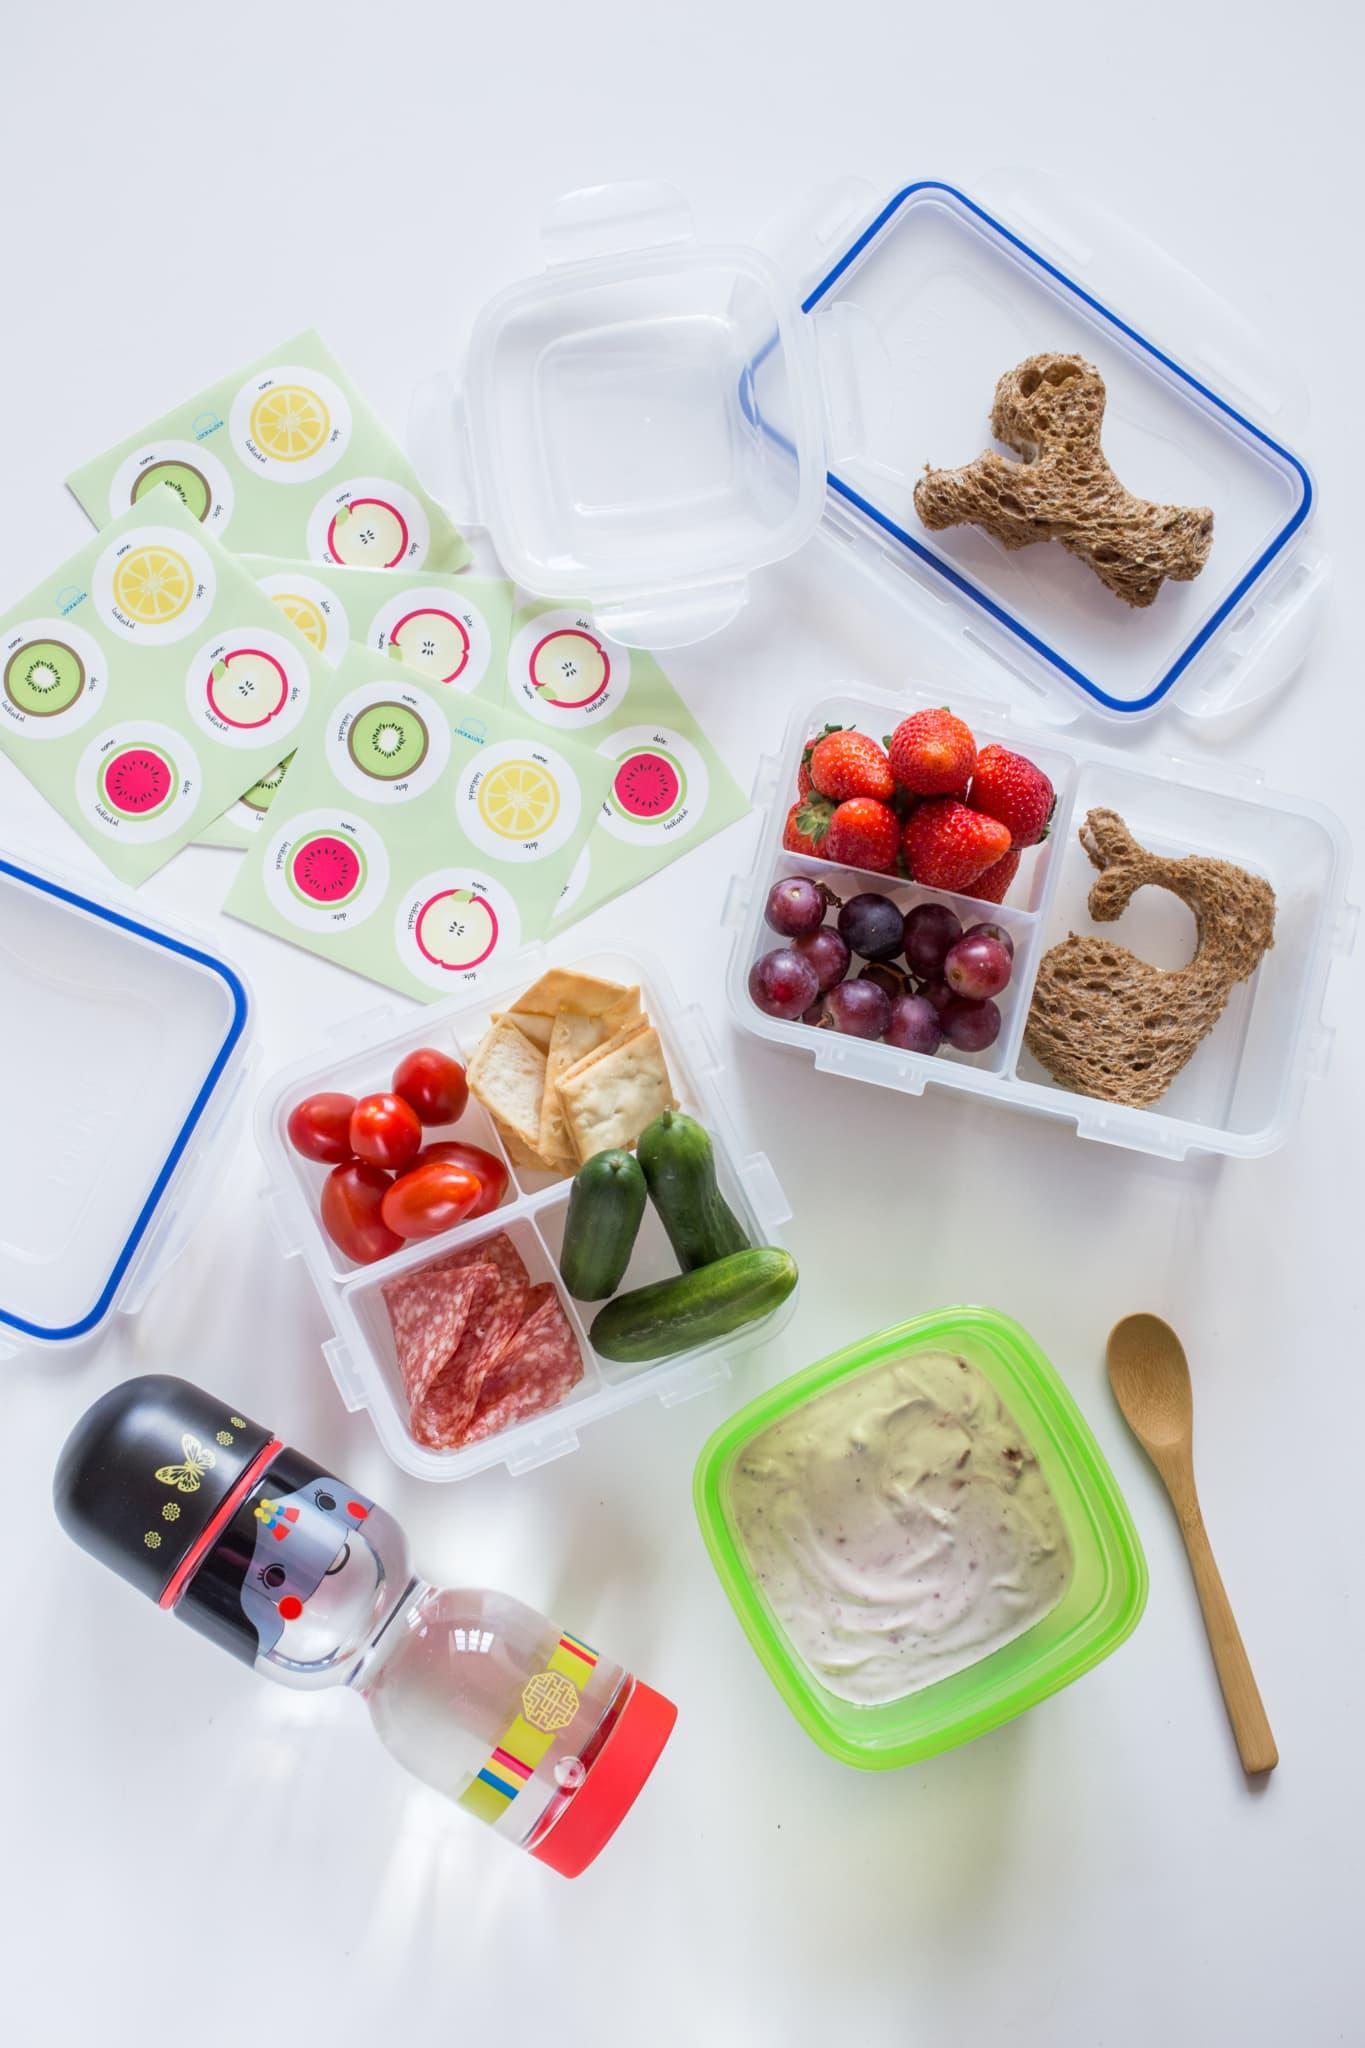 culinessa LocknLock 2 1 - Lunch inspiratie voor school